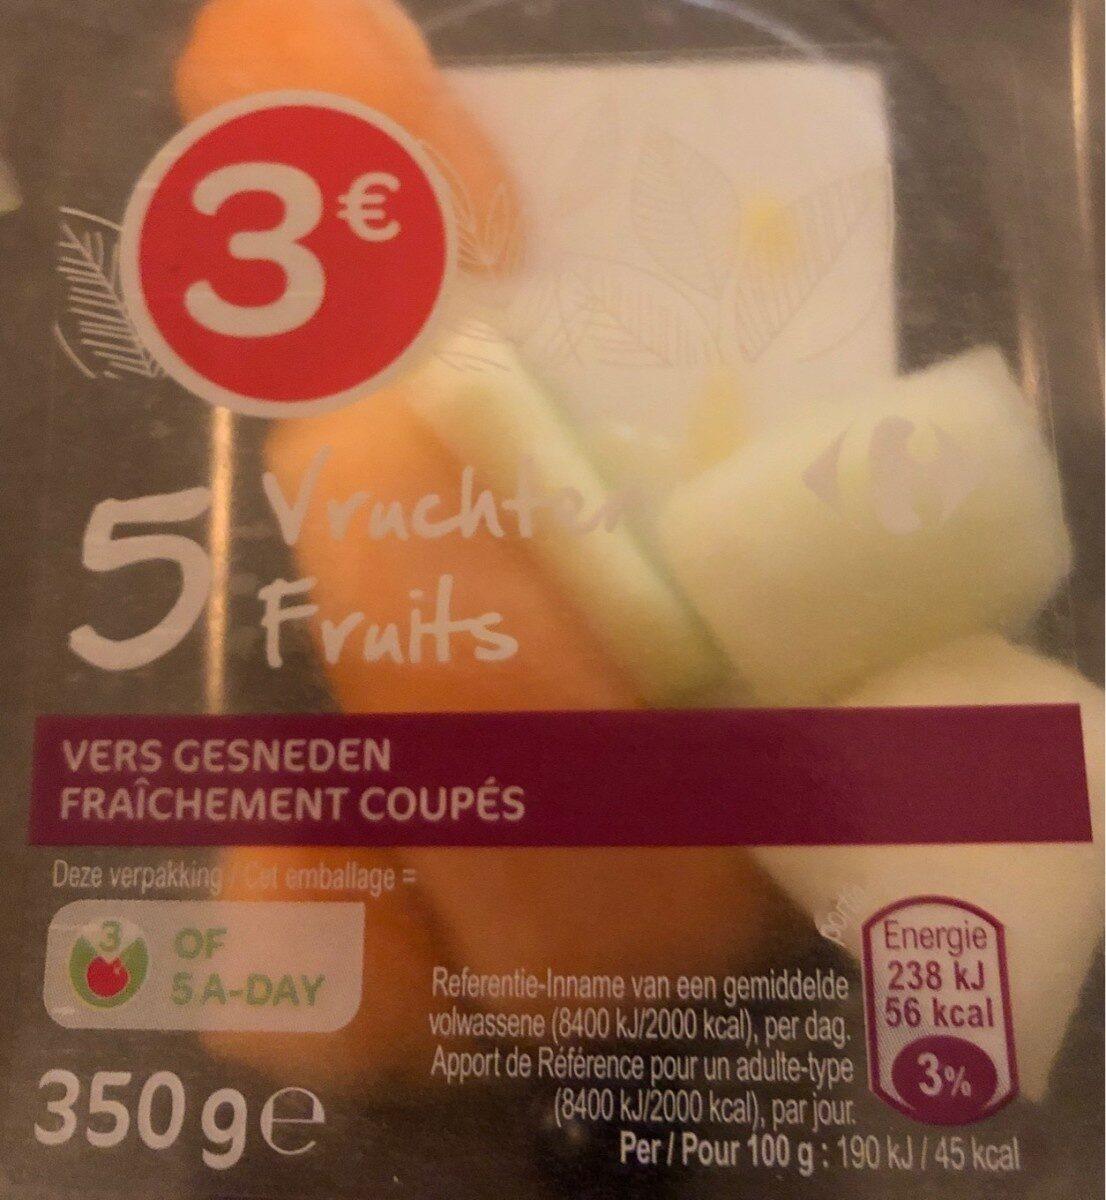 5 fruits fraîchement coupés - Produit - fr